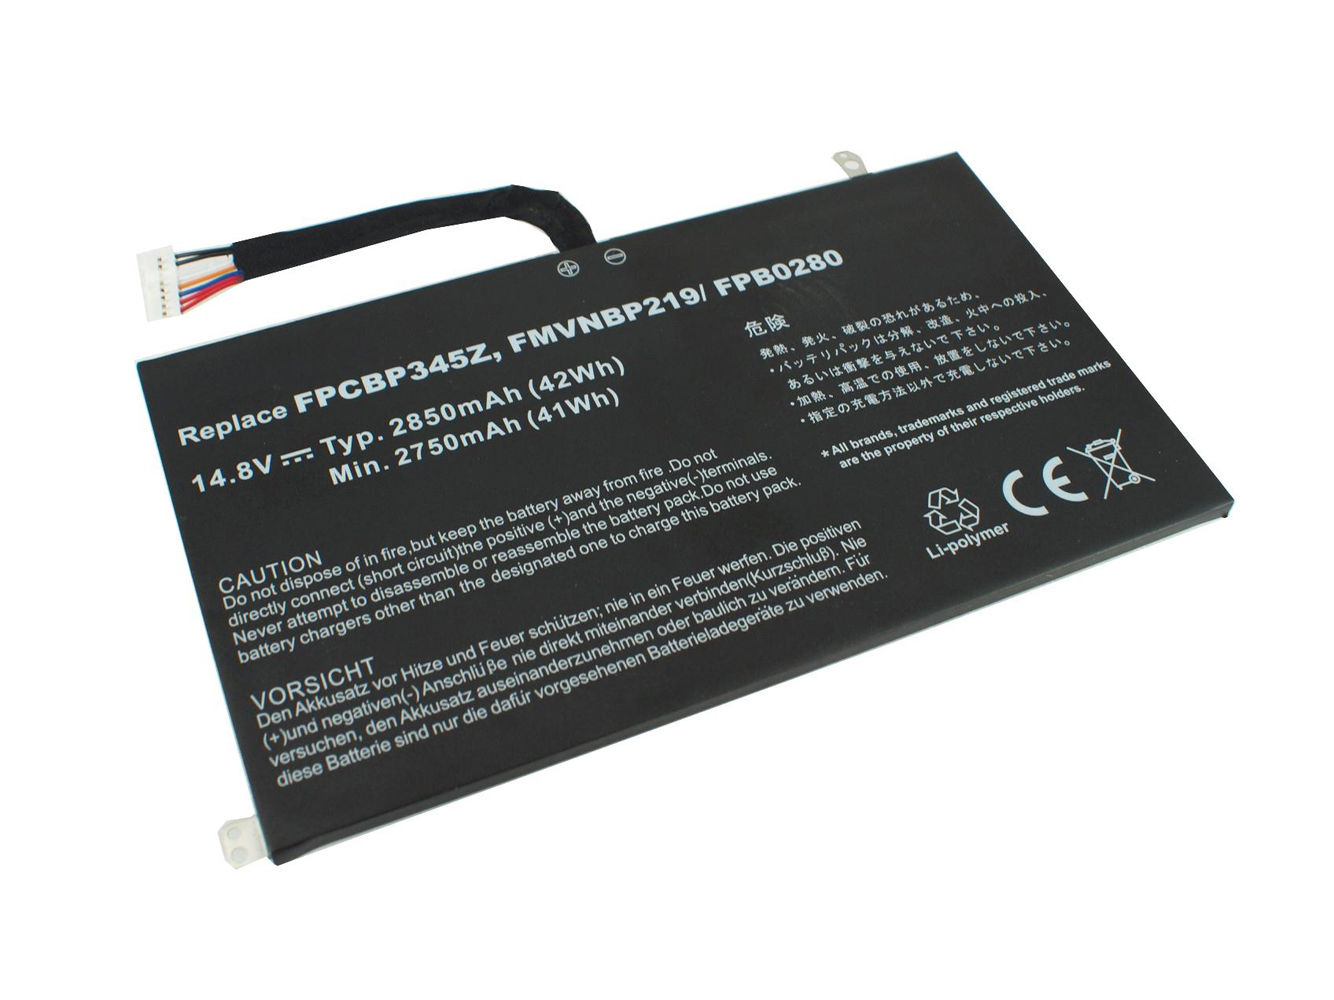 Akku für 2850mAh Fujitsu UH572 FMVNBP219 FPB0280 FPCBP345Z (Ersatz)